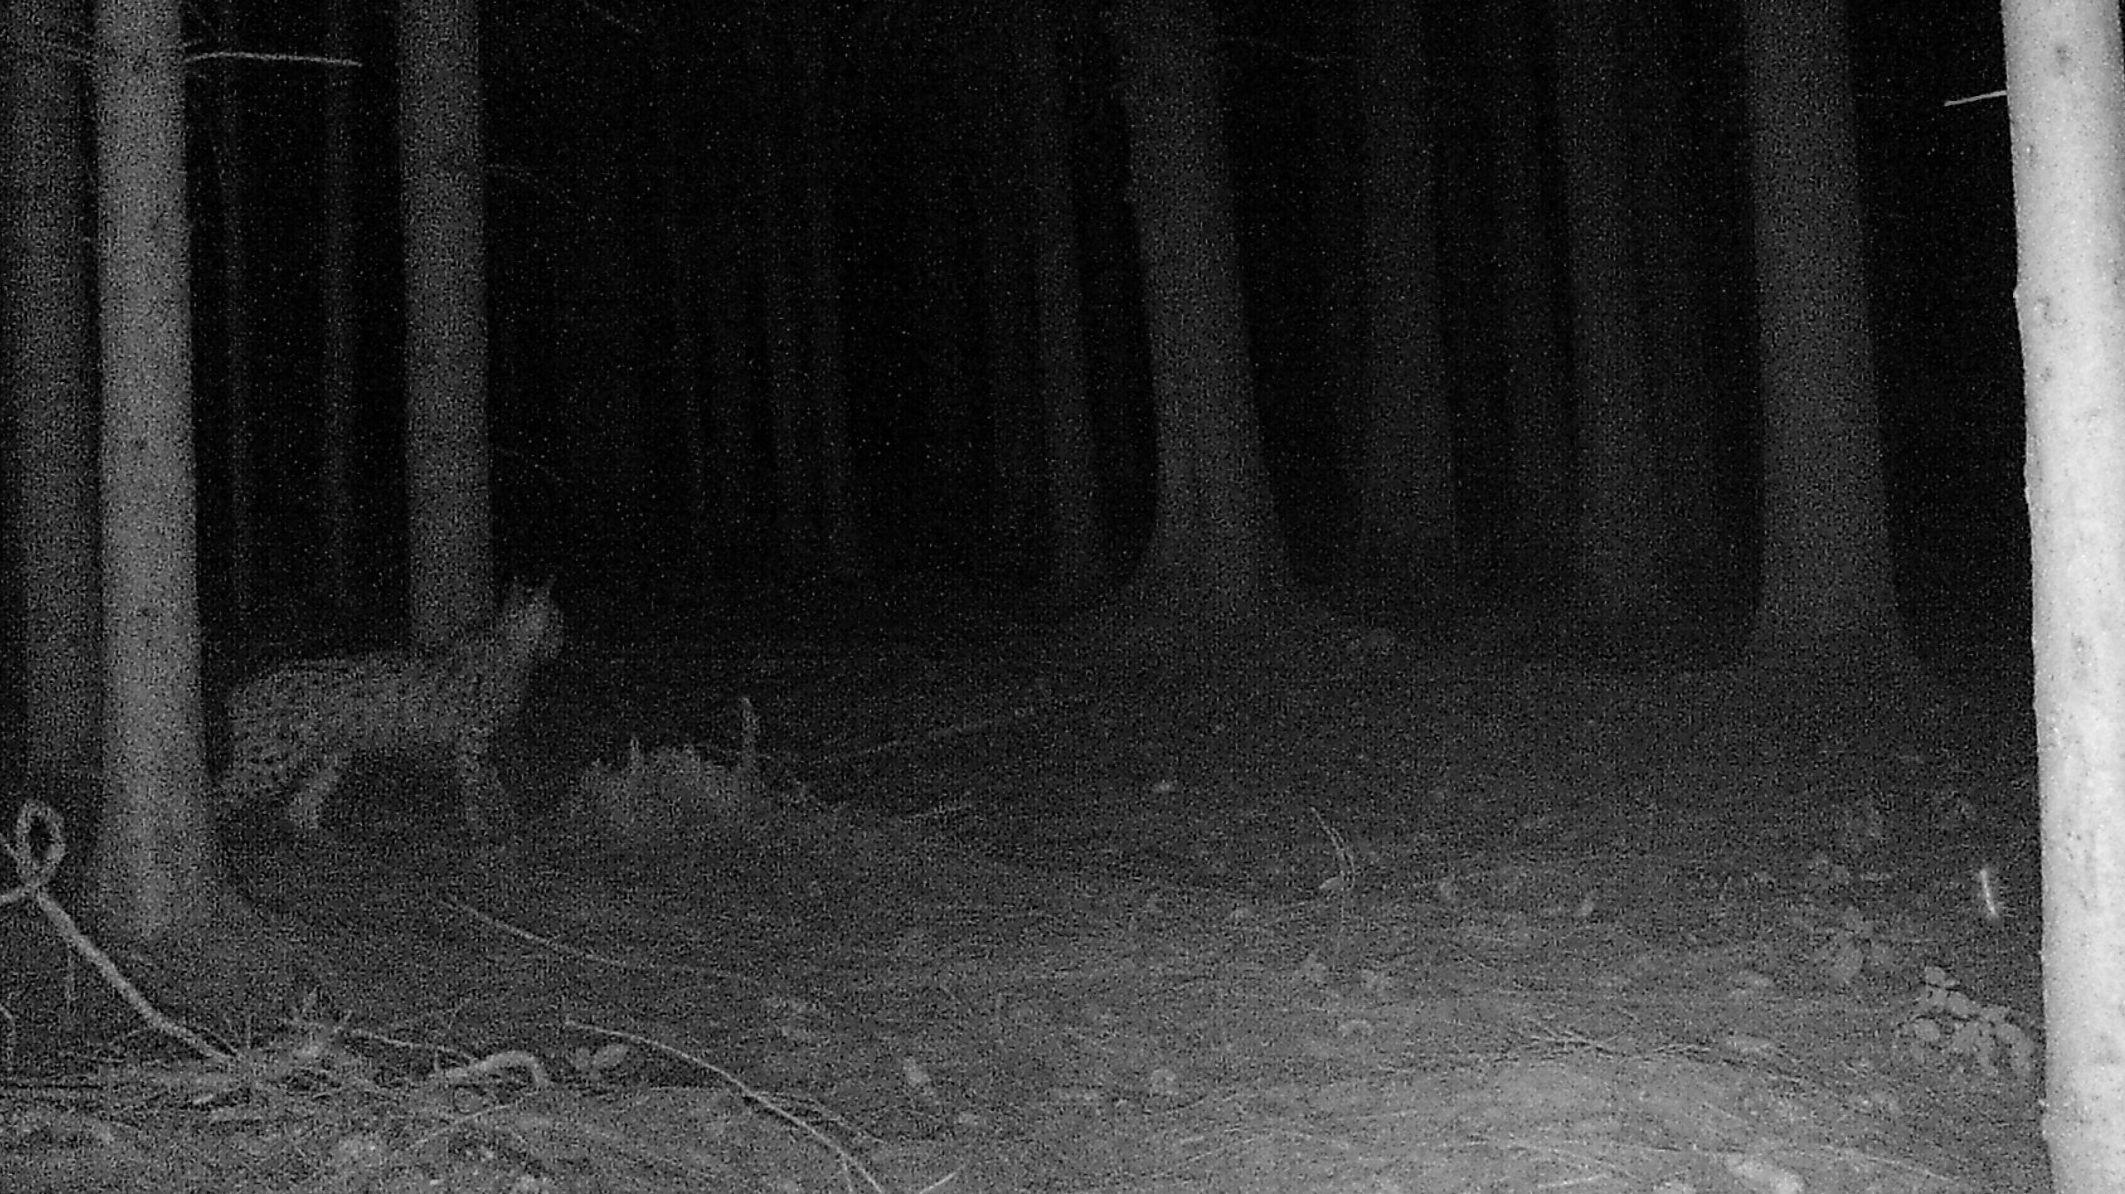 Der Luchs, der bei Arnstorf von einer Wildkamera fotografiert wurde